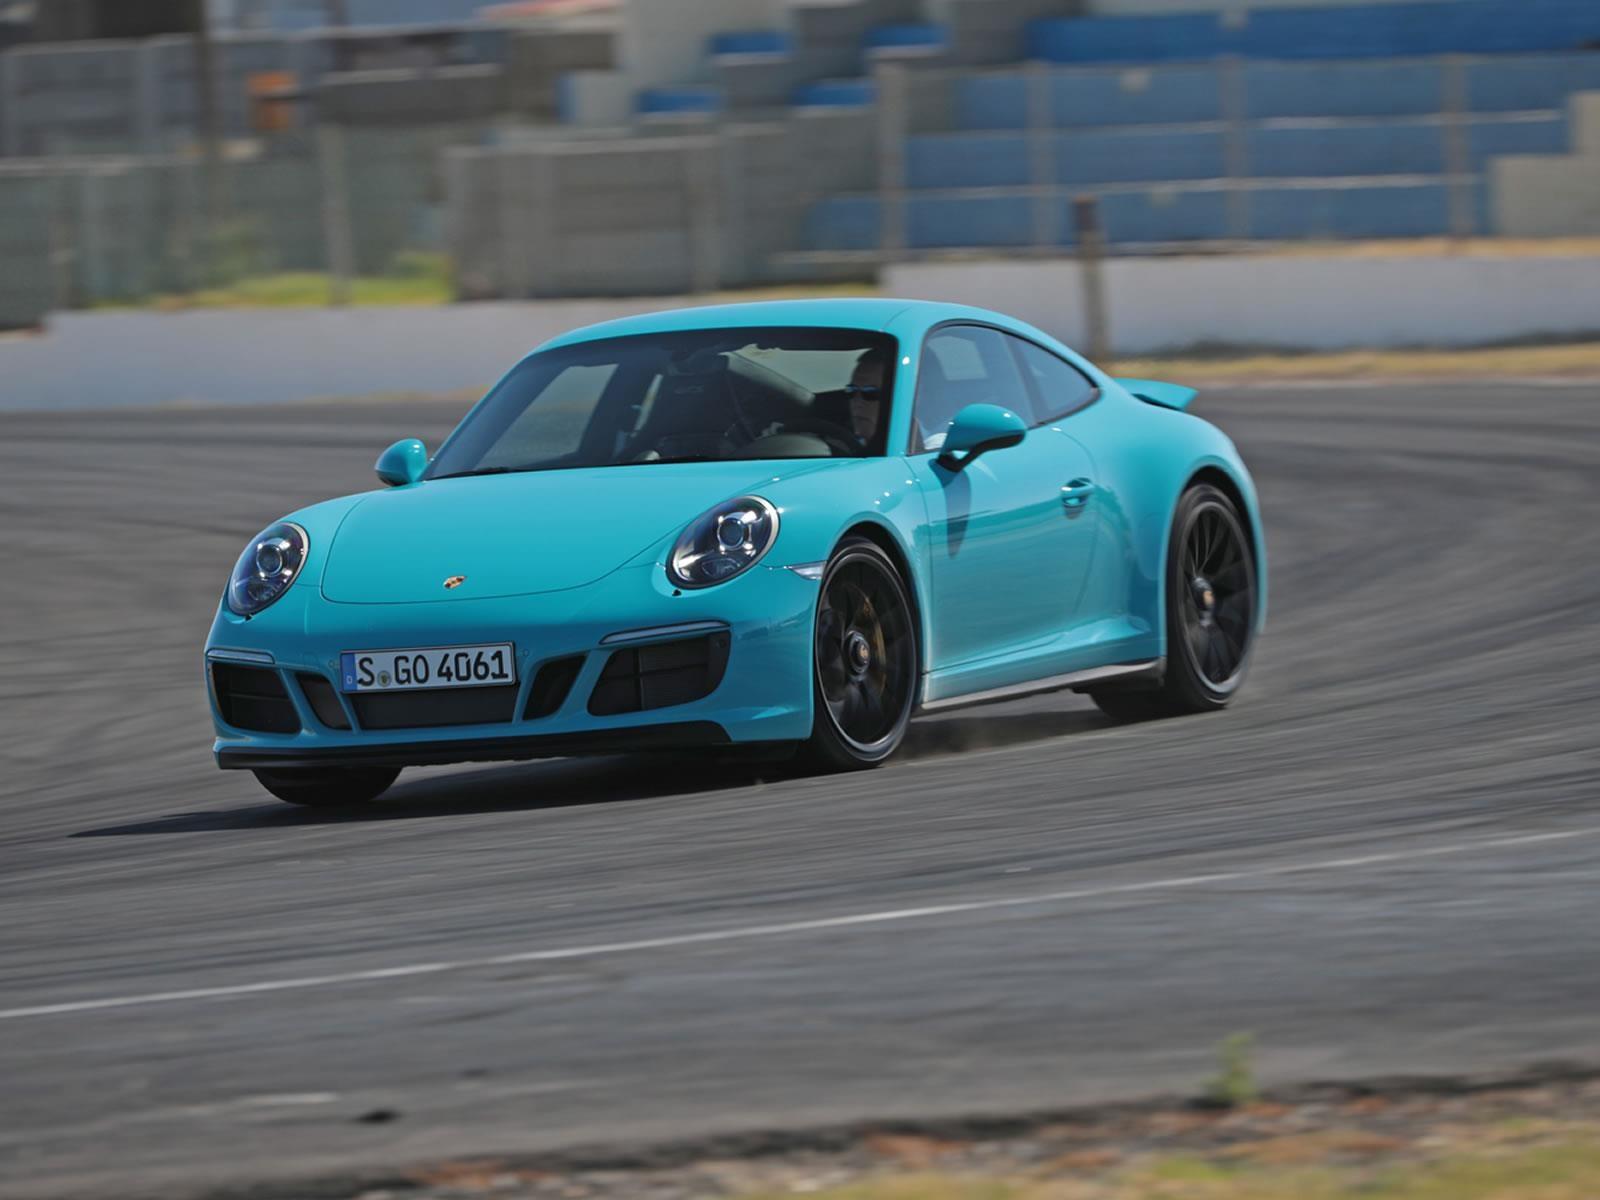 Probamos el Porsche 911 GTS 2018 en Sudáfrica